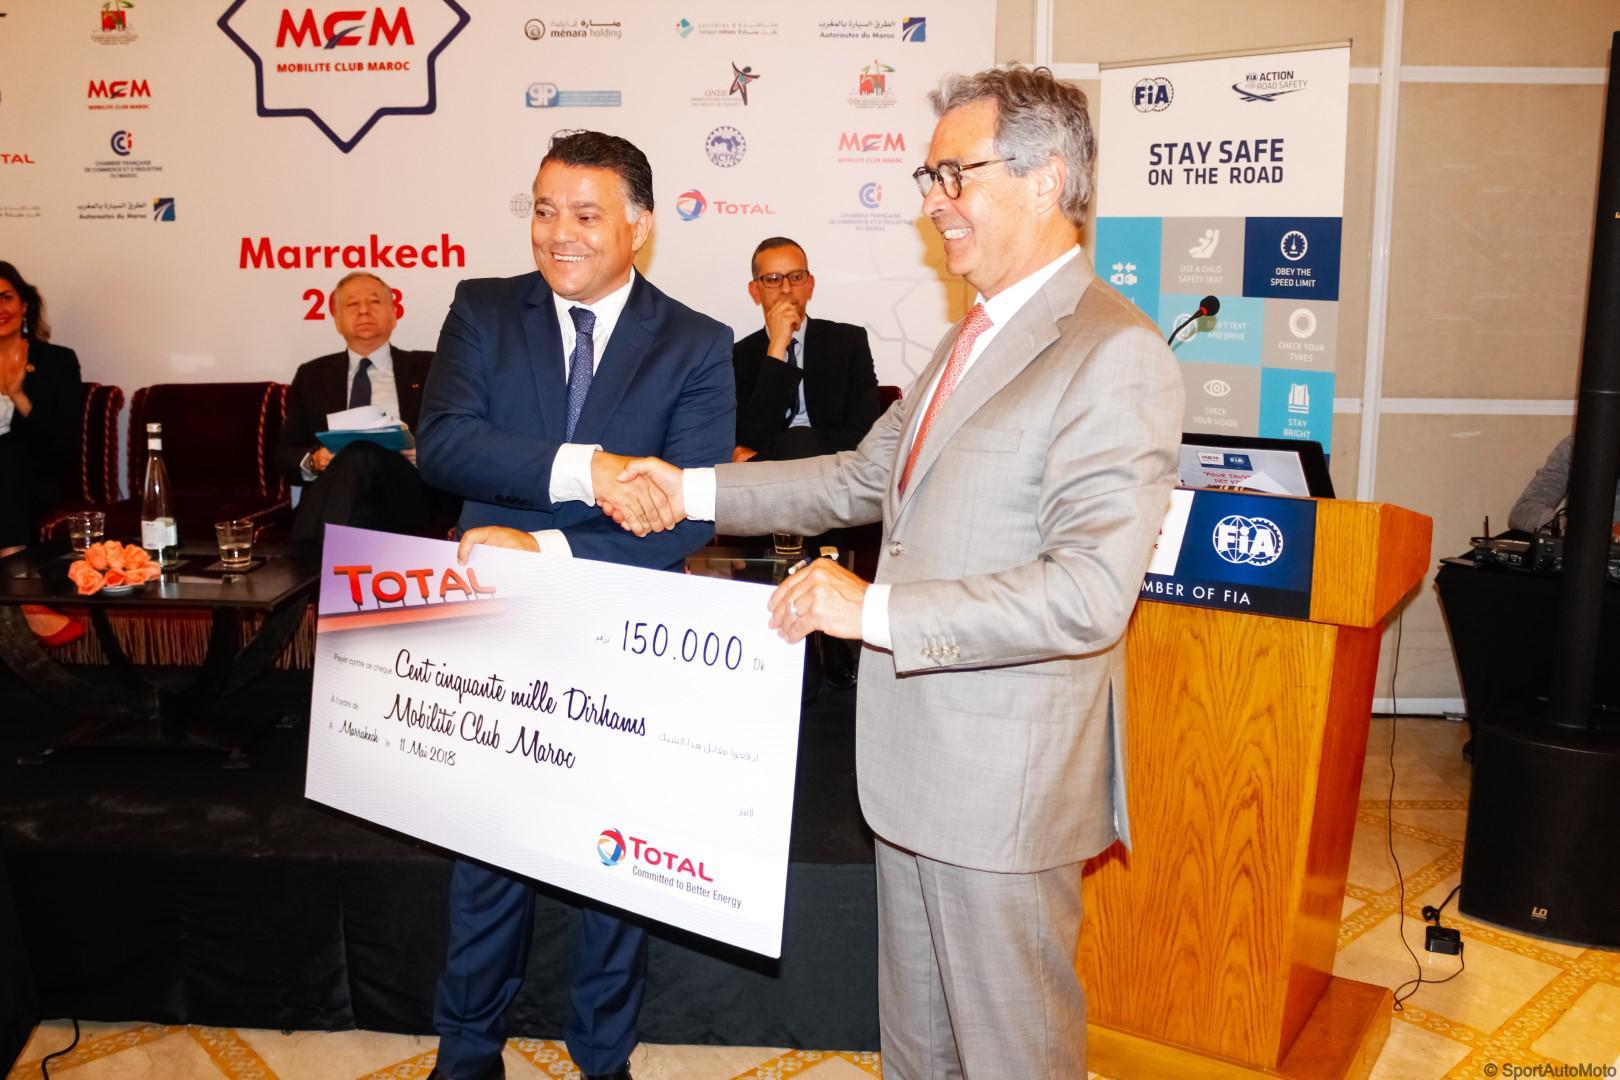 mobilite-club-maroc-mcm-devoile-son-programme-et-ses-partenariats-786-16.jpg